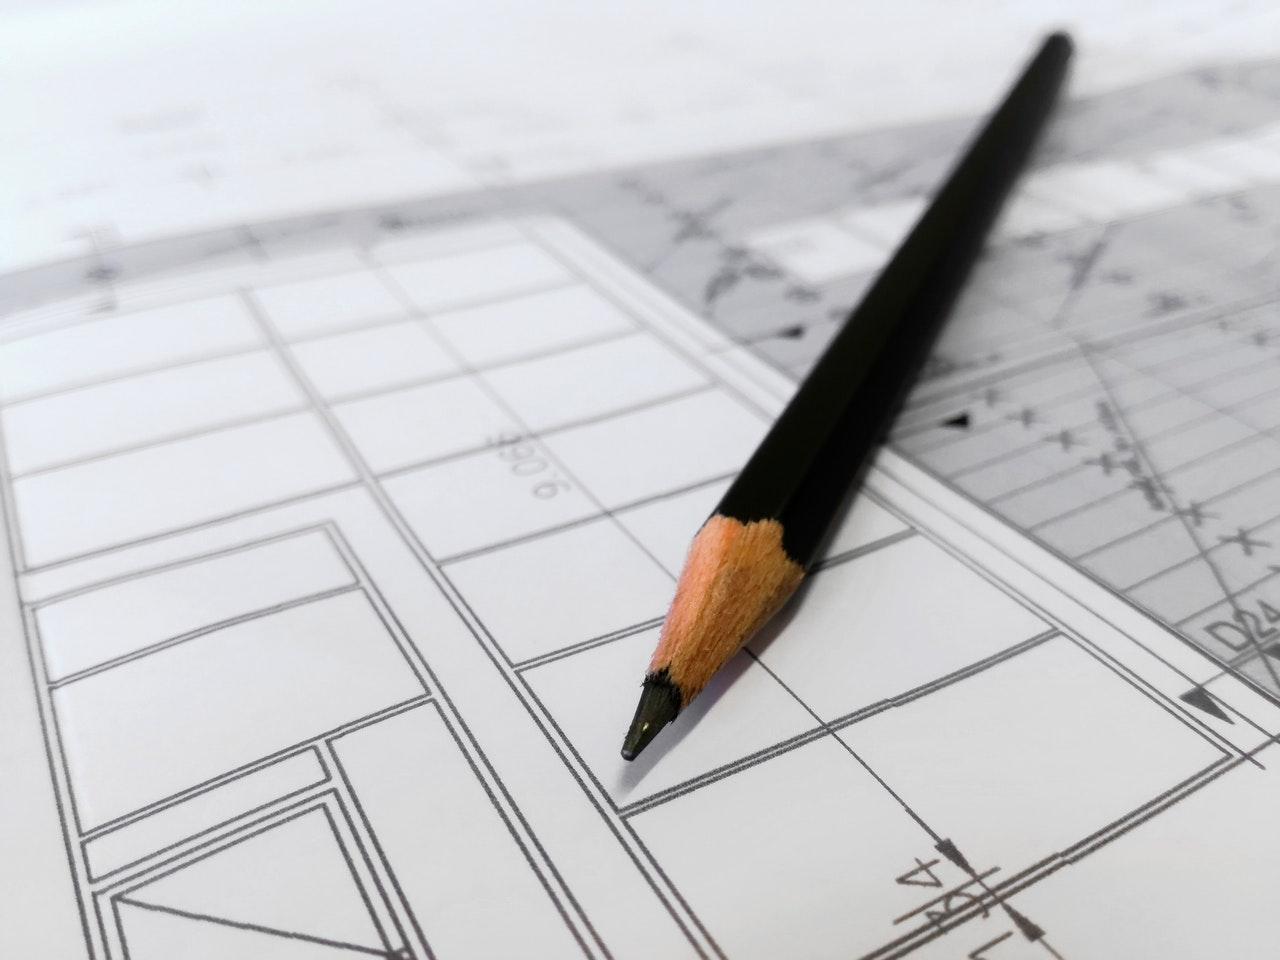 Tegning af ny tilbygning til hjemmet